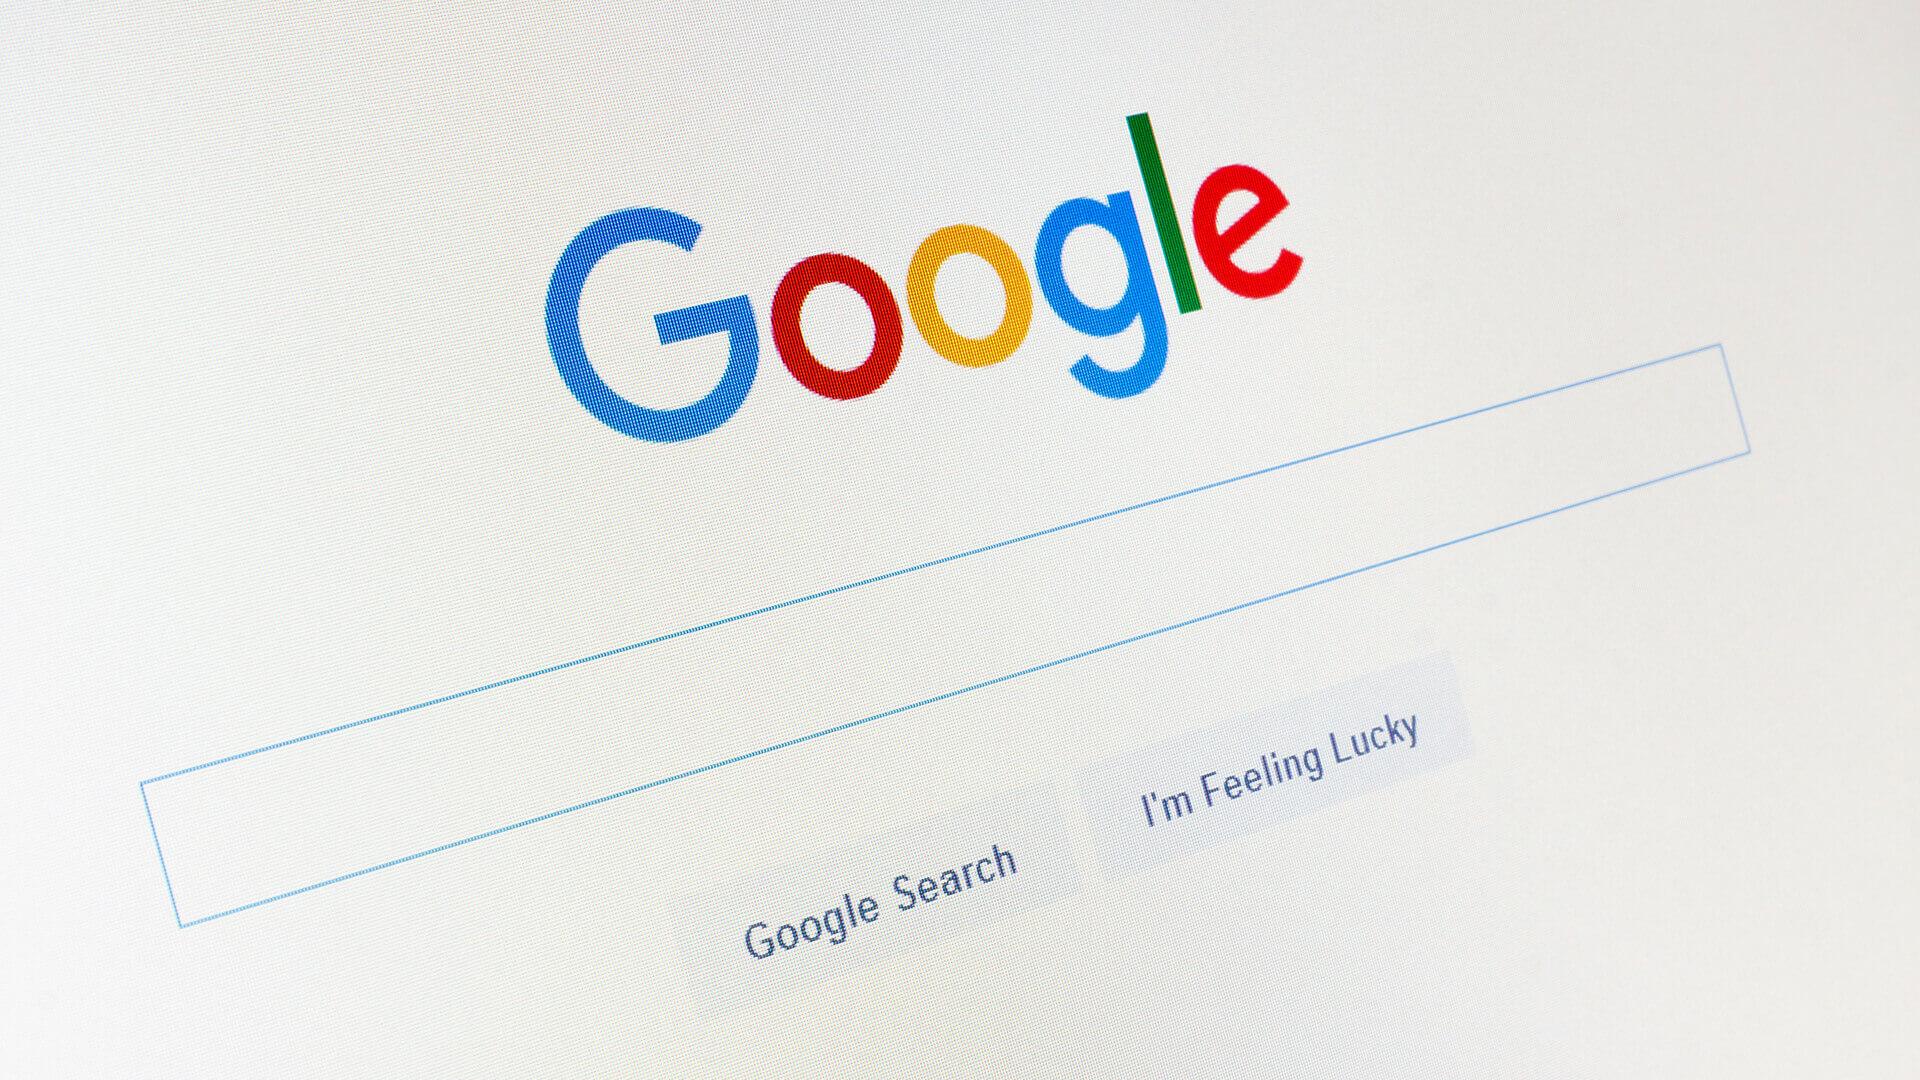 самых востребованных как искать фото без фона в гугле микроблоге полины